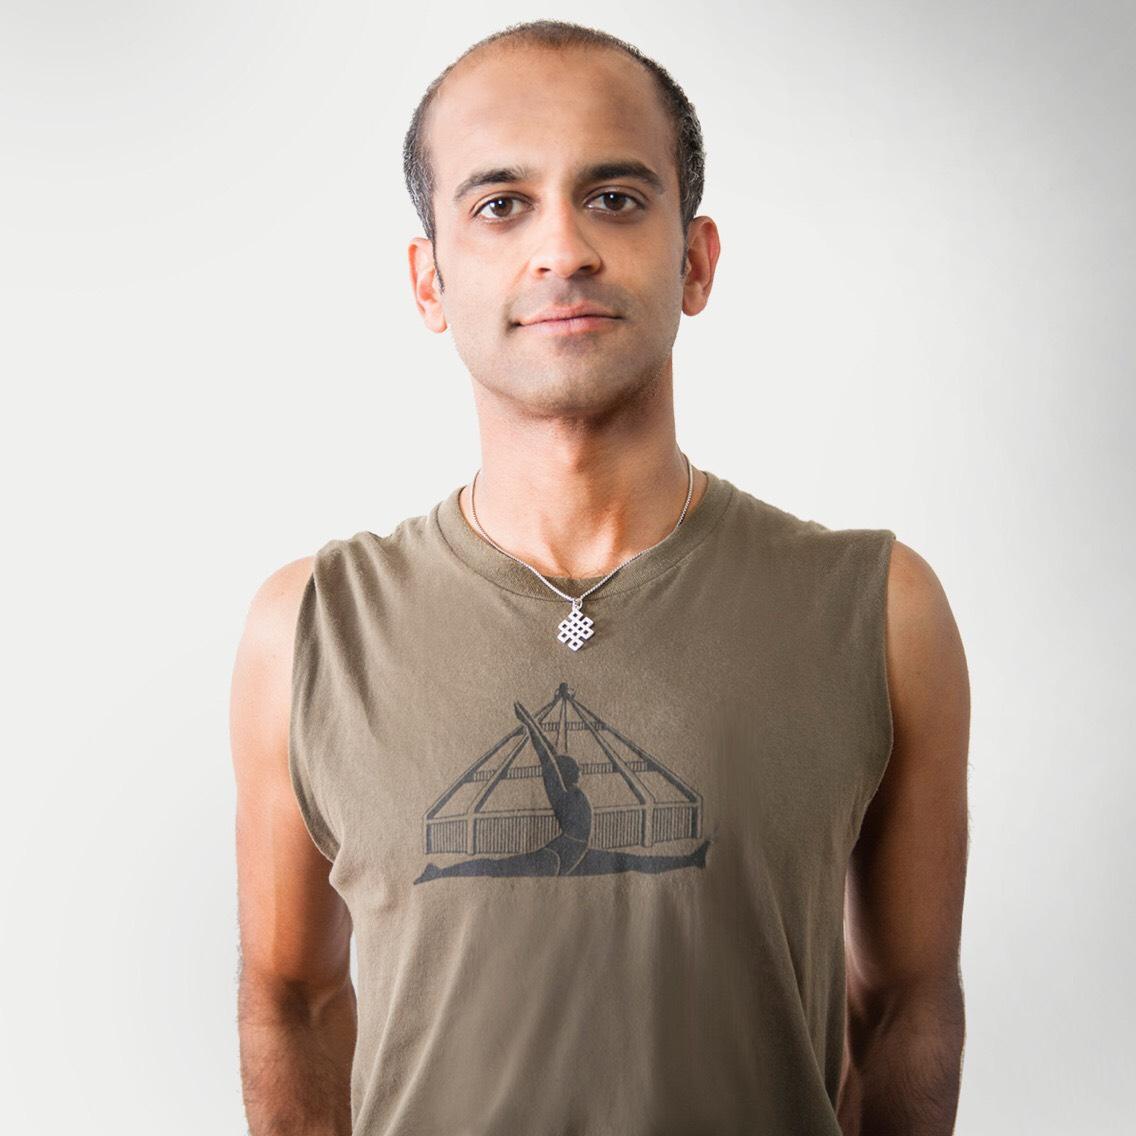 Yogi Zain Iyengar Yoga Teacher